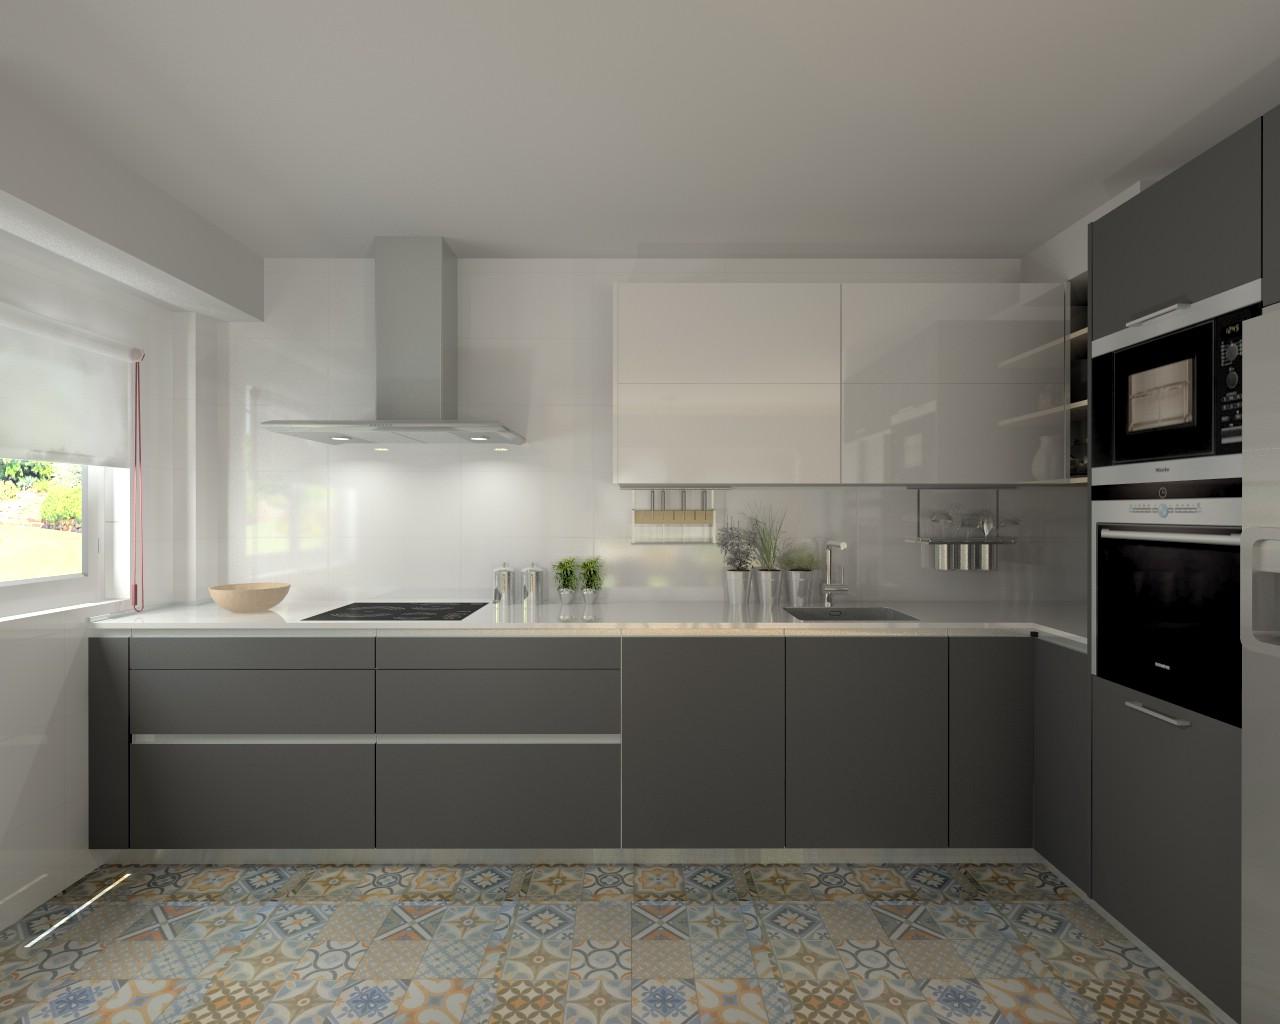 Madrid cocina santos modelo line e gris y line l - Cocina blanca y gris ...